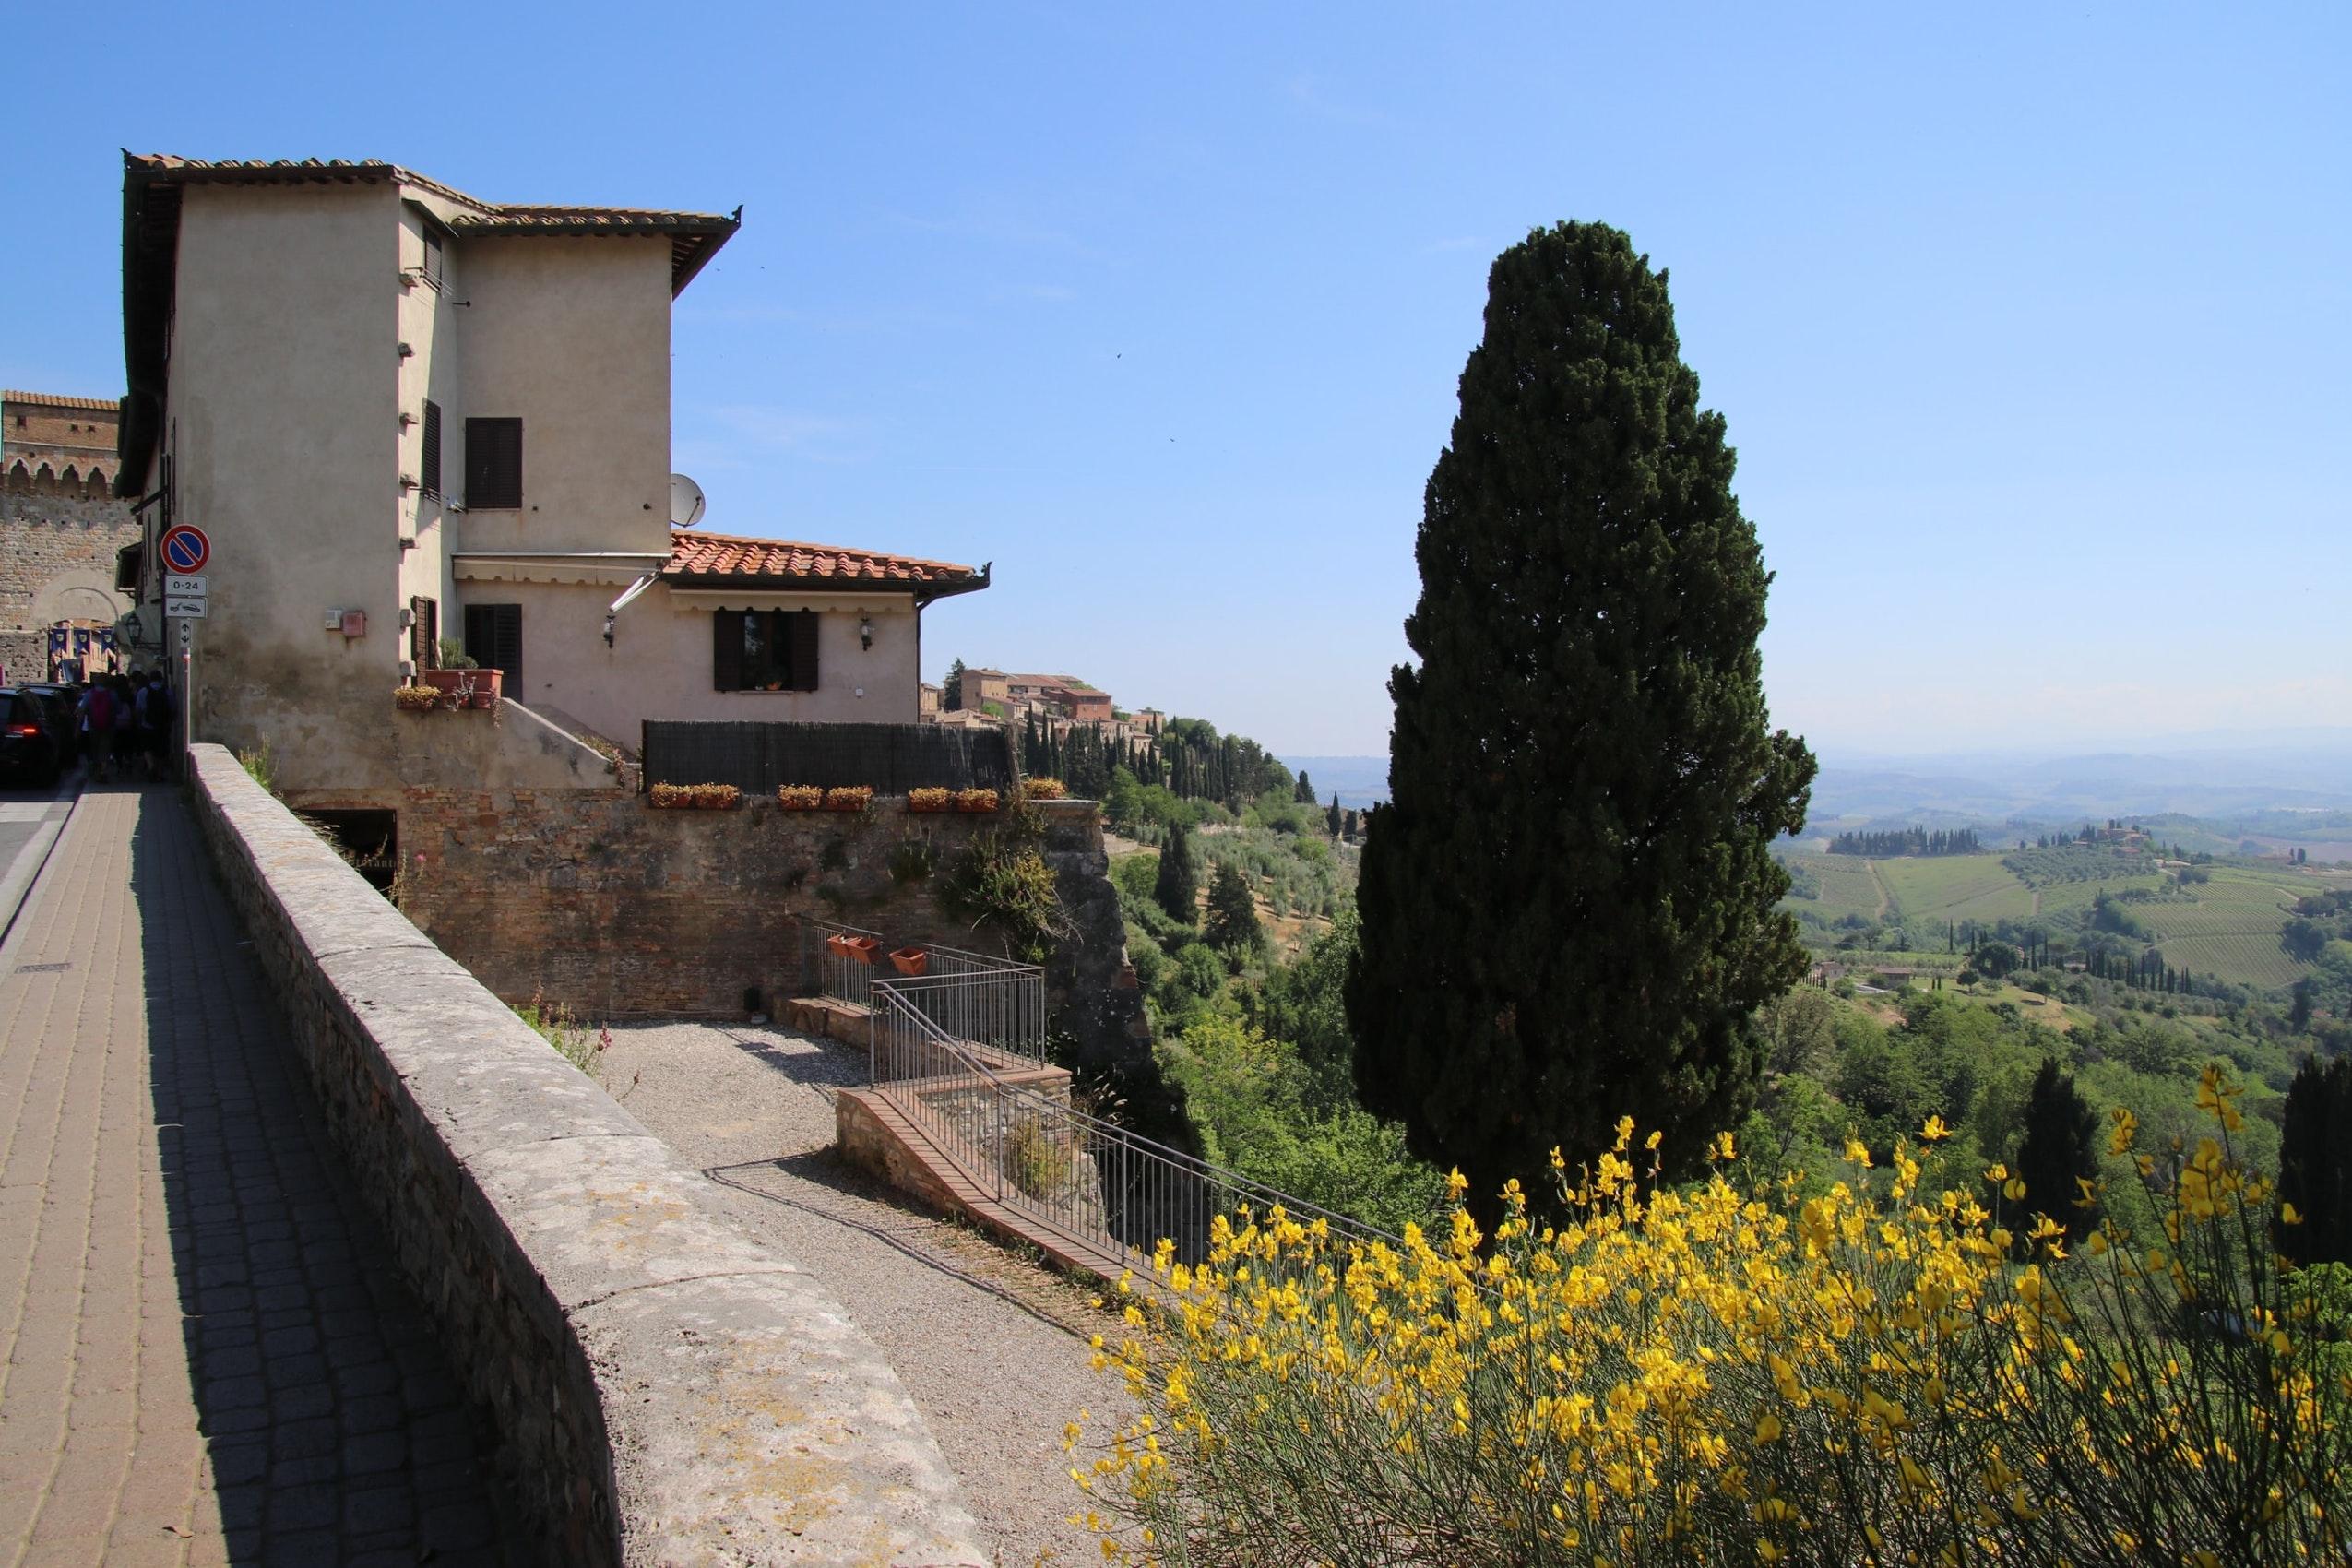 Rome to Siena